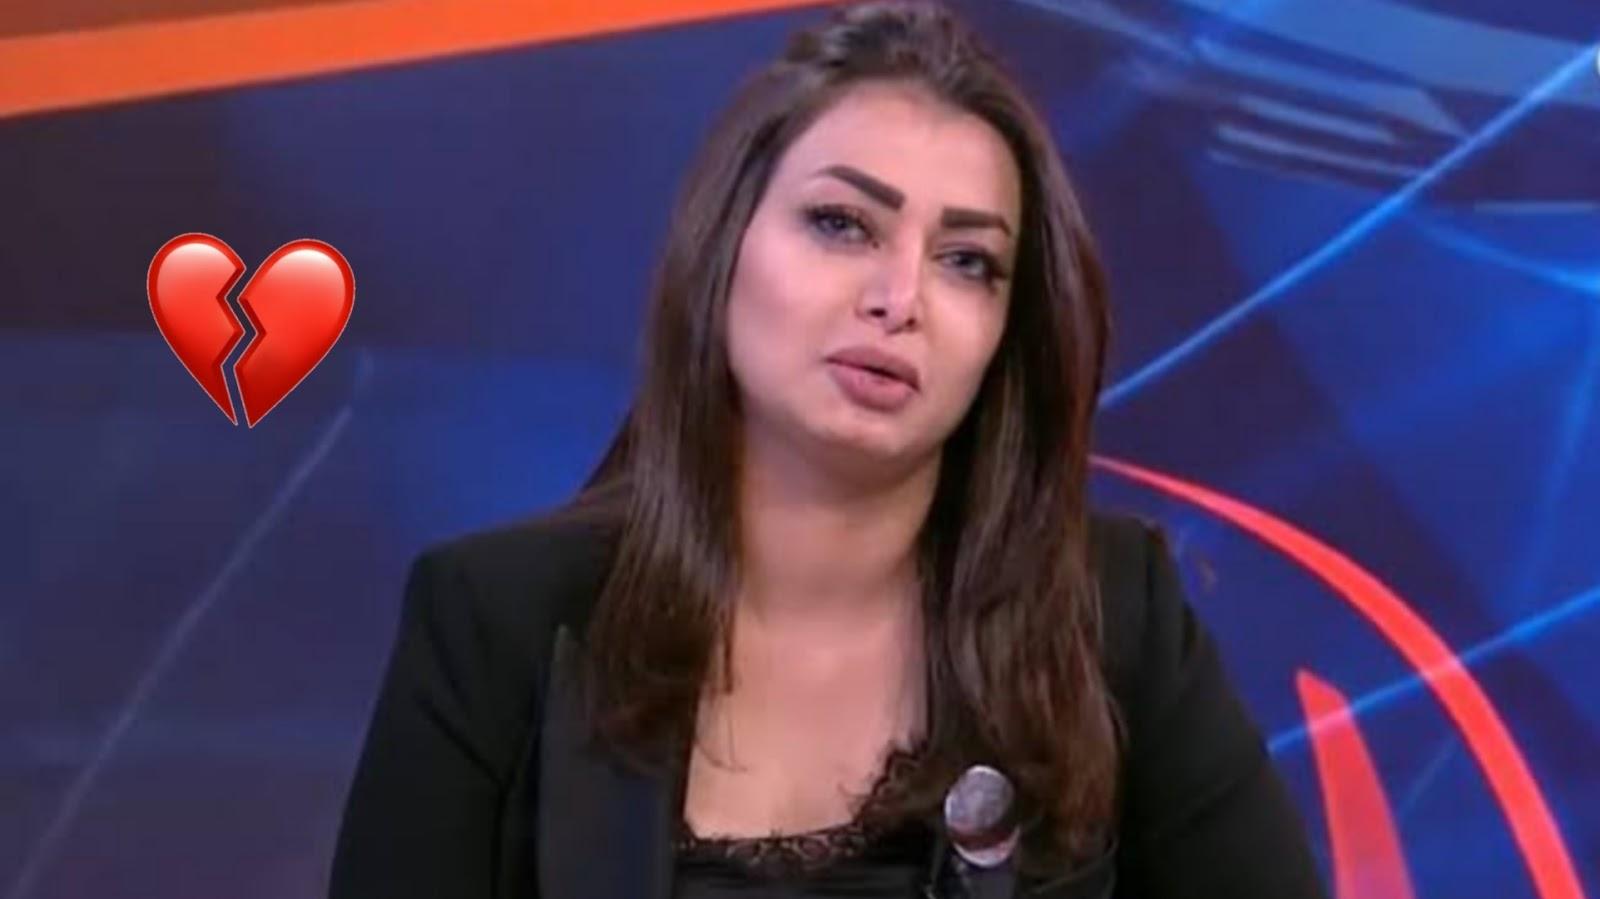 إعلامية عراقية سحر عباس تتلقى خبر مقتل شقيقها على الهواء ... وبكاء المذيعة